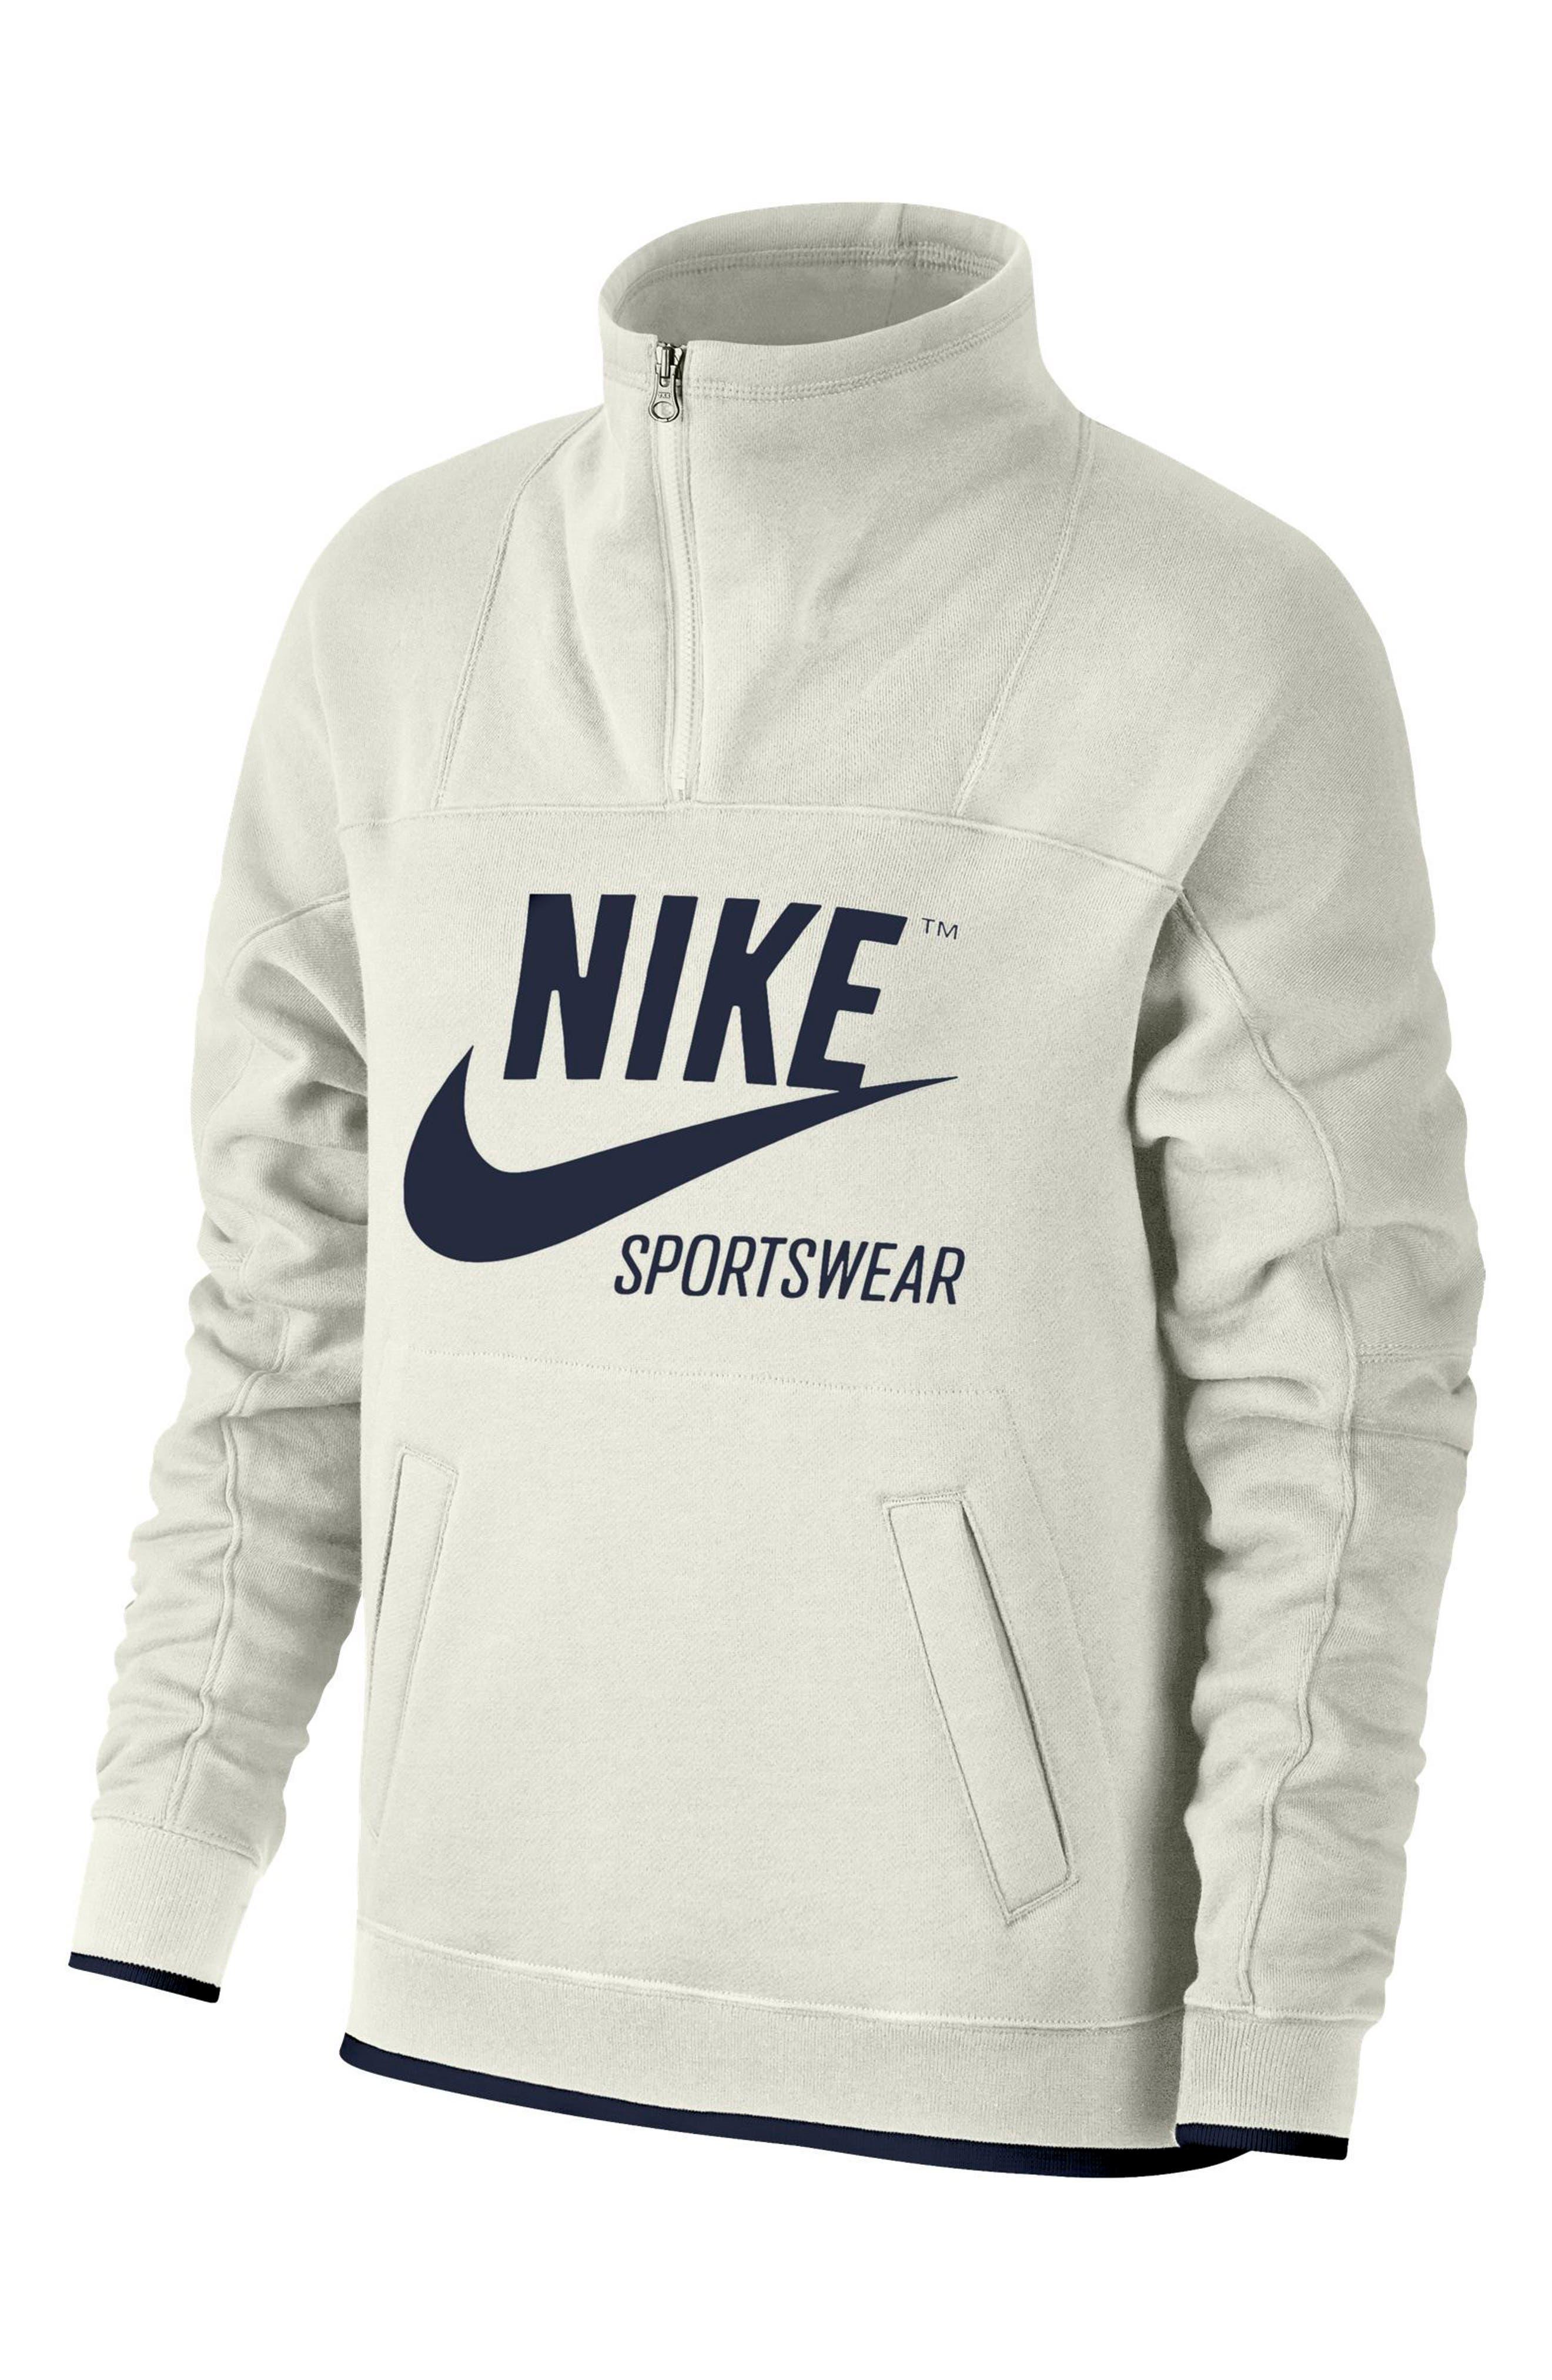 Women's Vest - Nike Element EXT Half-Zip - Deep Royal Blue : J80p8144